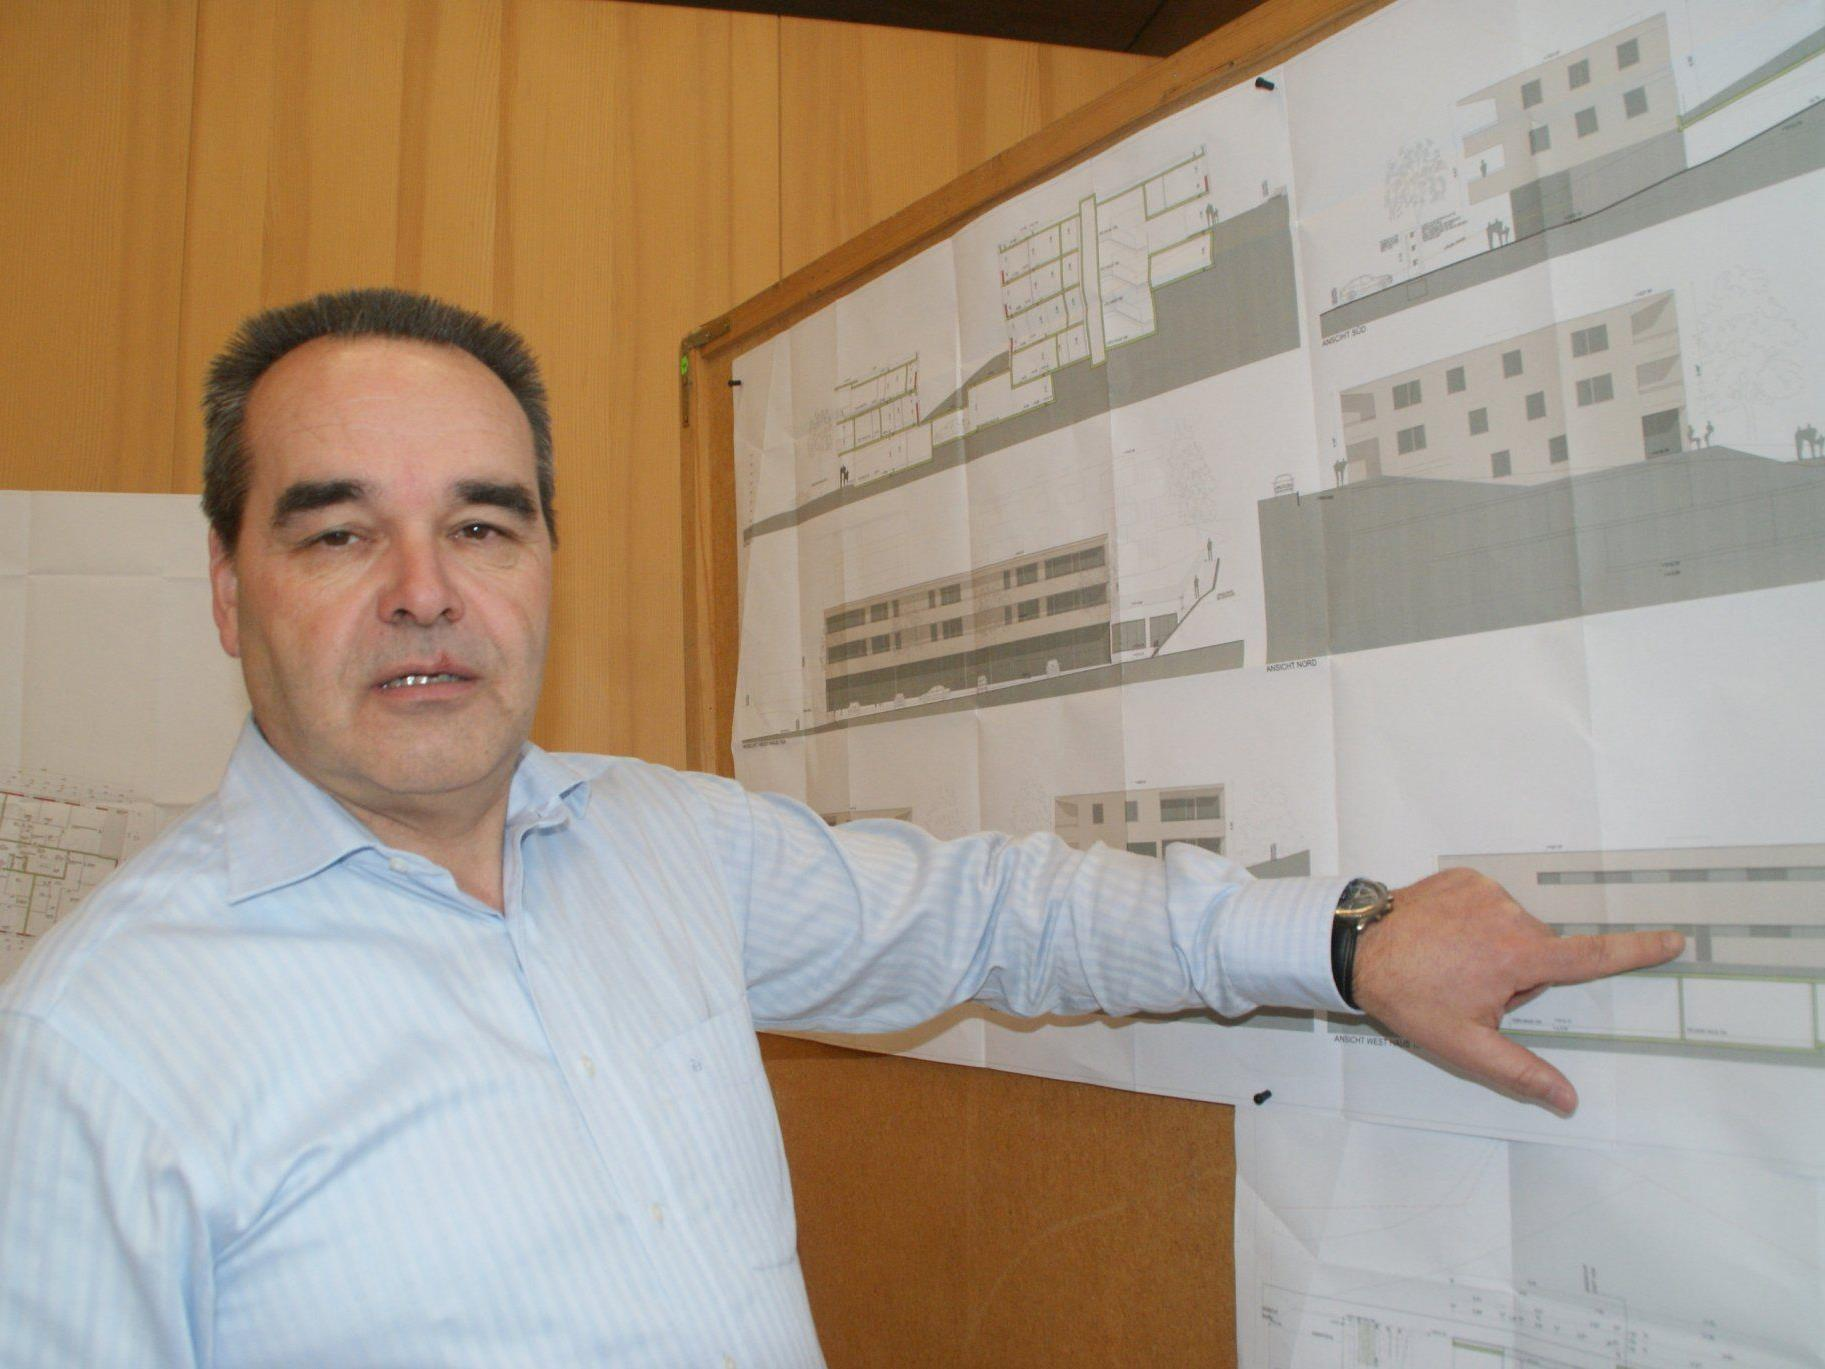 Bürgermeister Helmut Blank erläutert die Pläne für das Dorfhus.